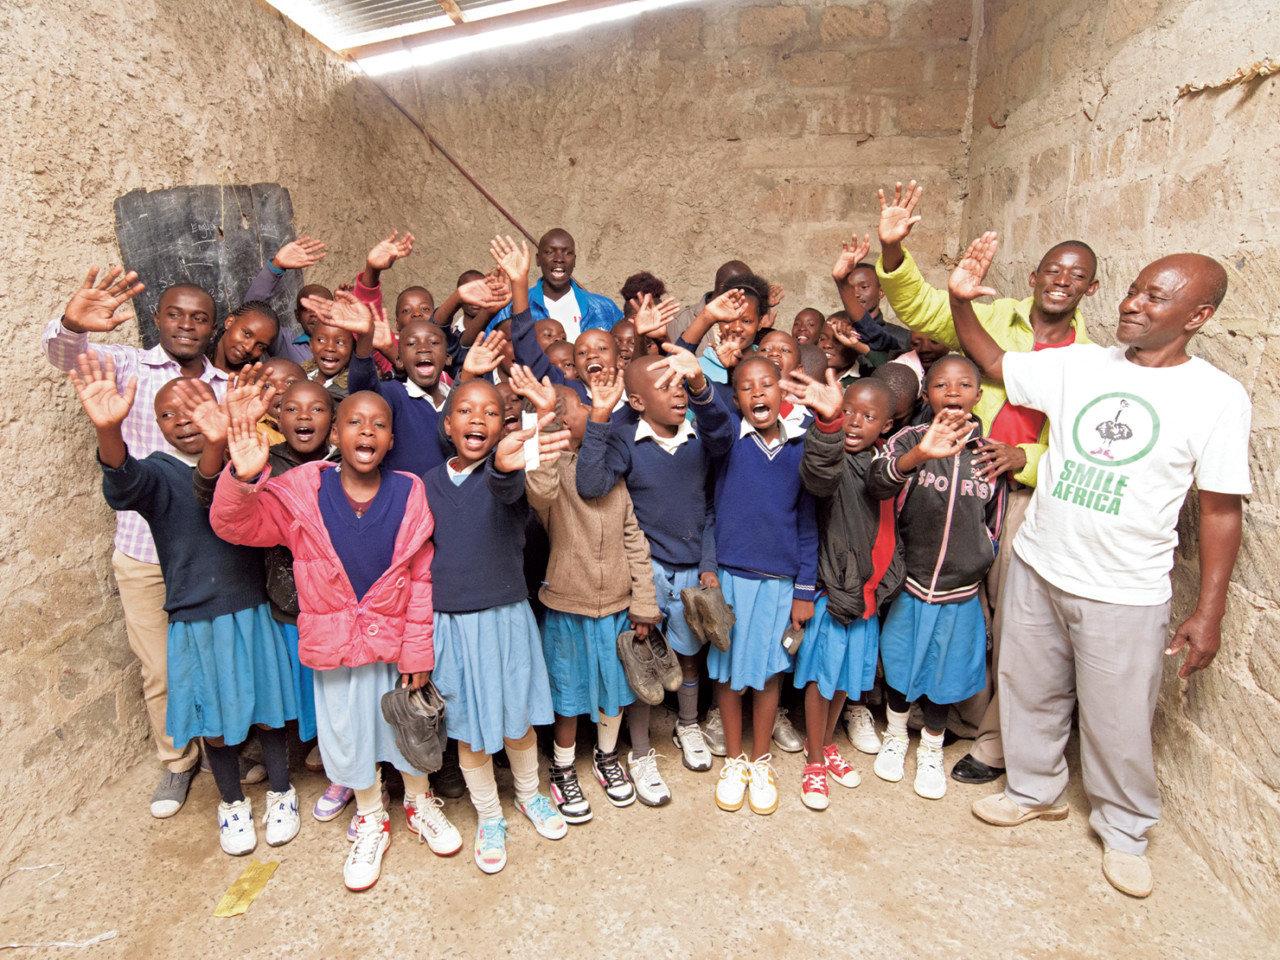 アフリカの子どもたちを笑顔にするシューズ。まもなく、10万足の回収を迎えます。